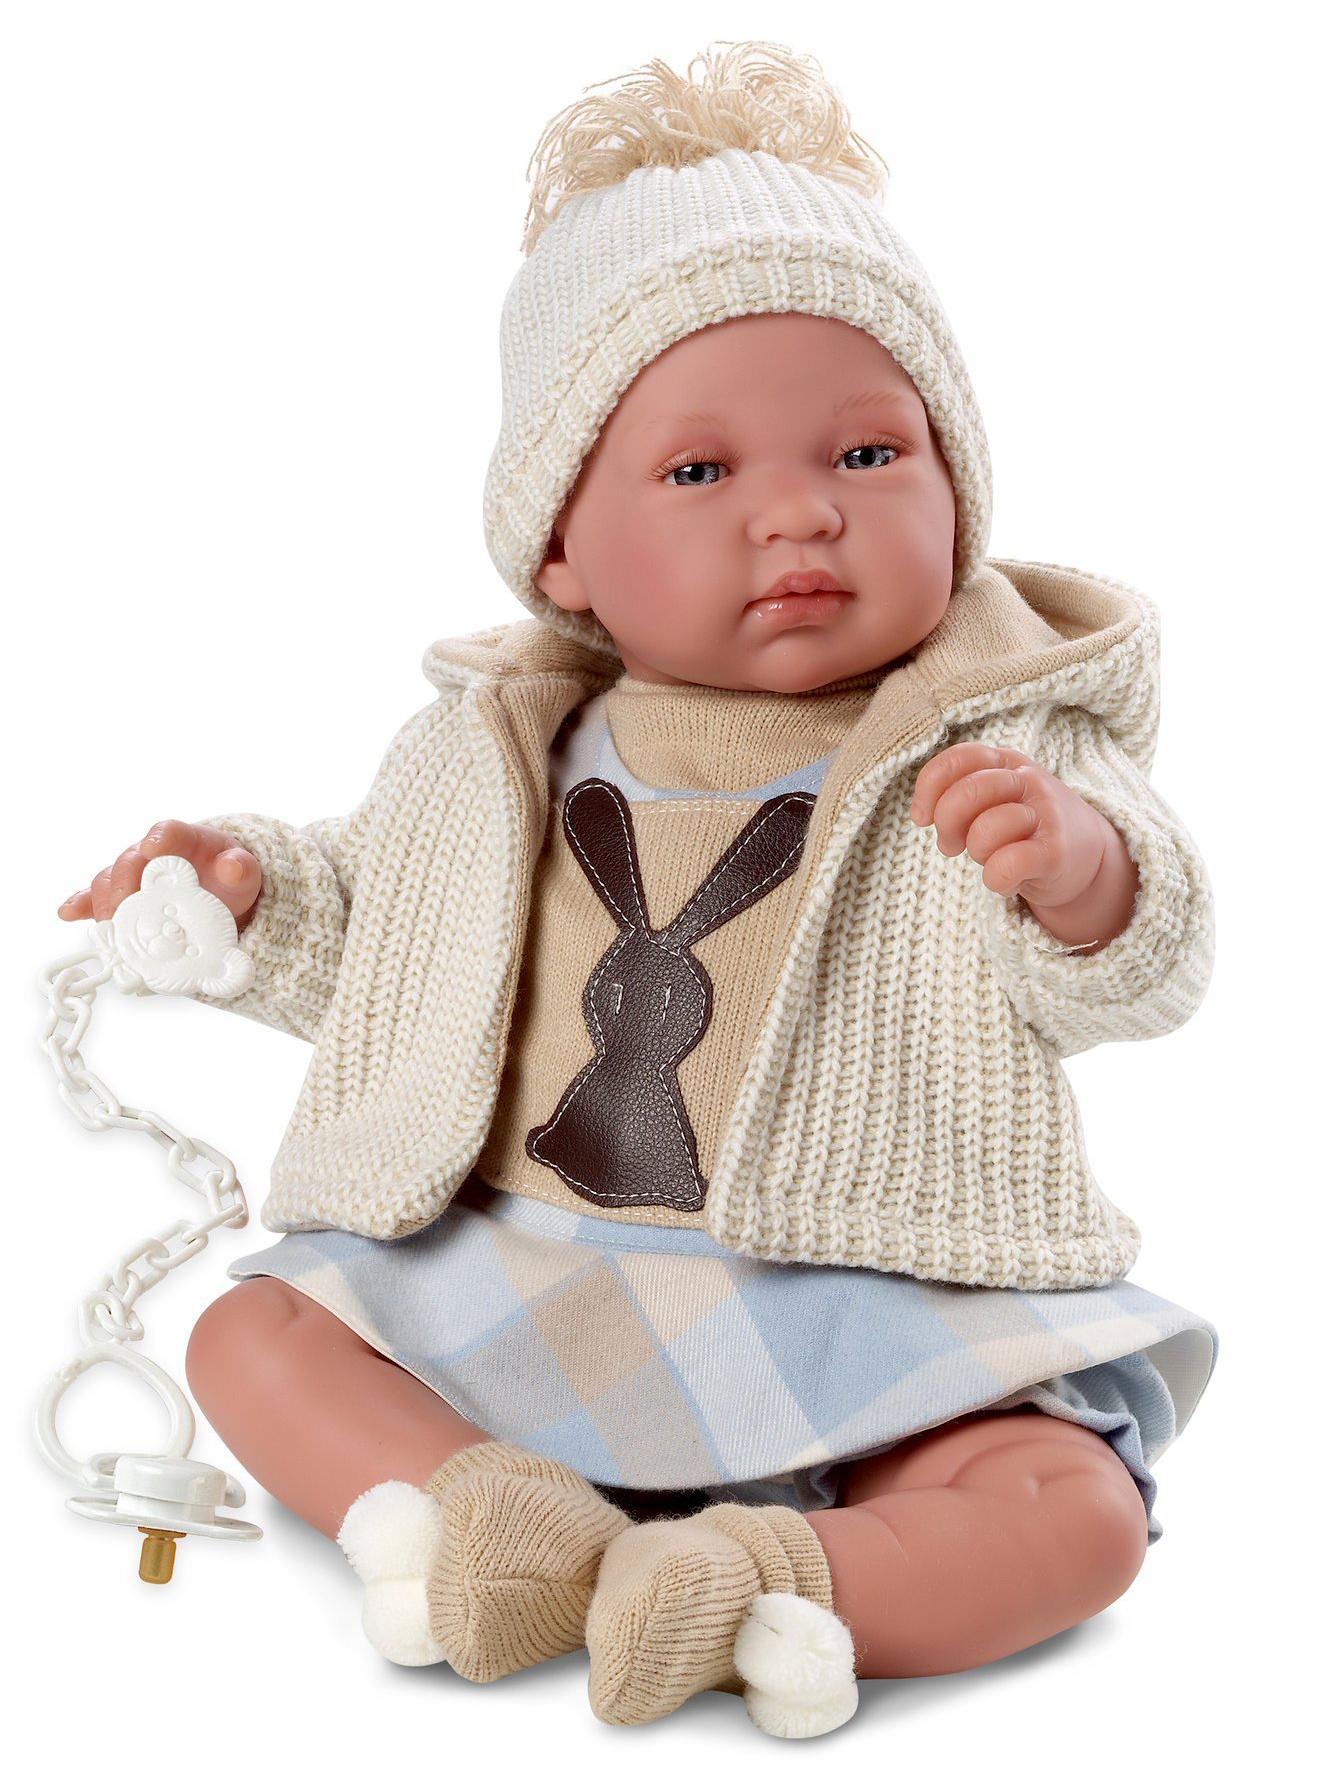 Кукла младенец в клетчатом костюмчике, 43 см., со звукомИспанские куклы Llorens Juan, S.L.<br>Кукла младенец в клетчатом костюмчике, 43 см., со звуком<br>